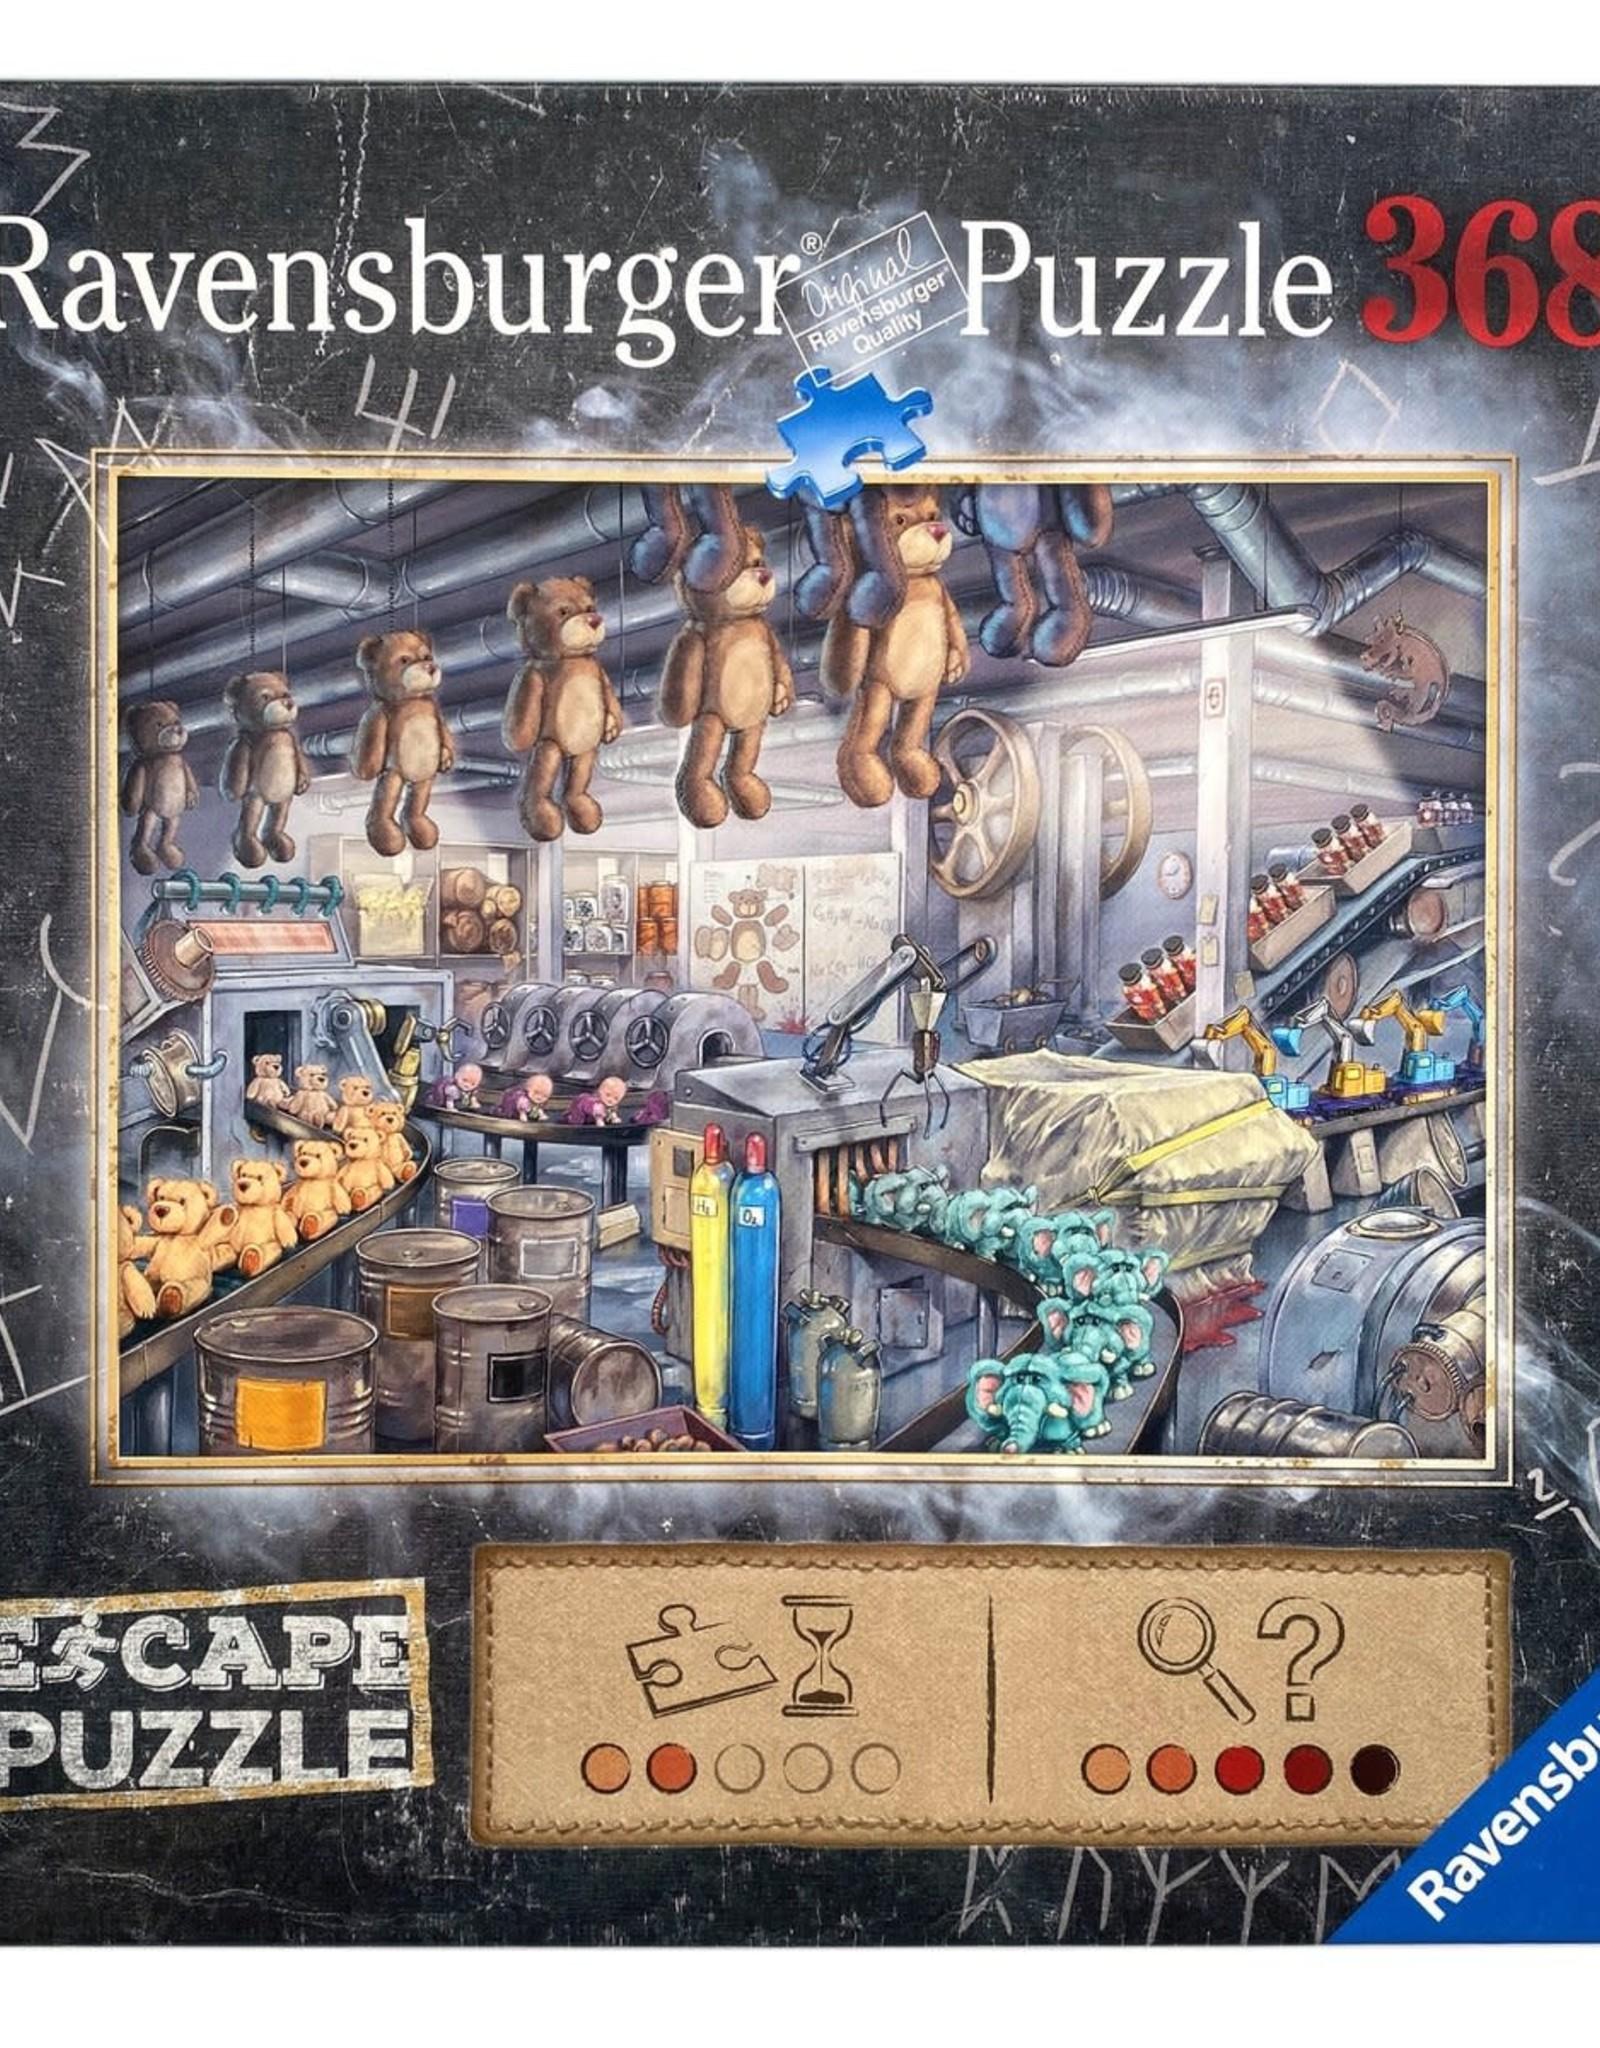 Ravensburger Escape Puzzle 368pc: The Toy Factory